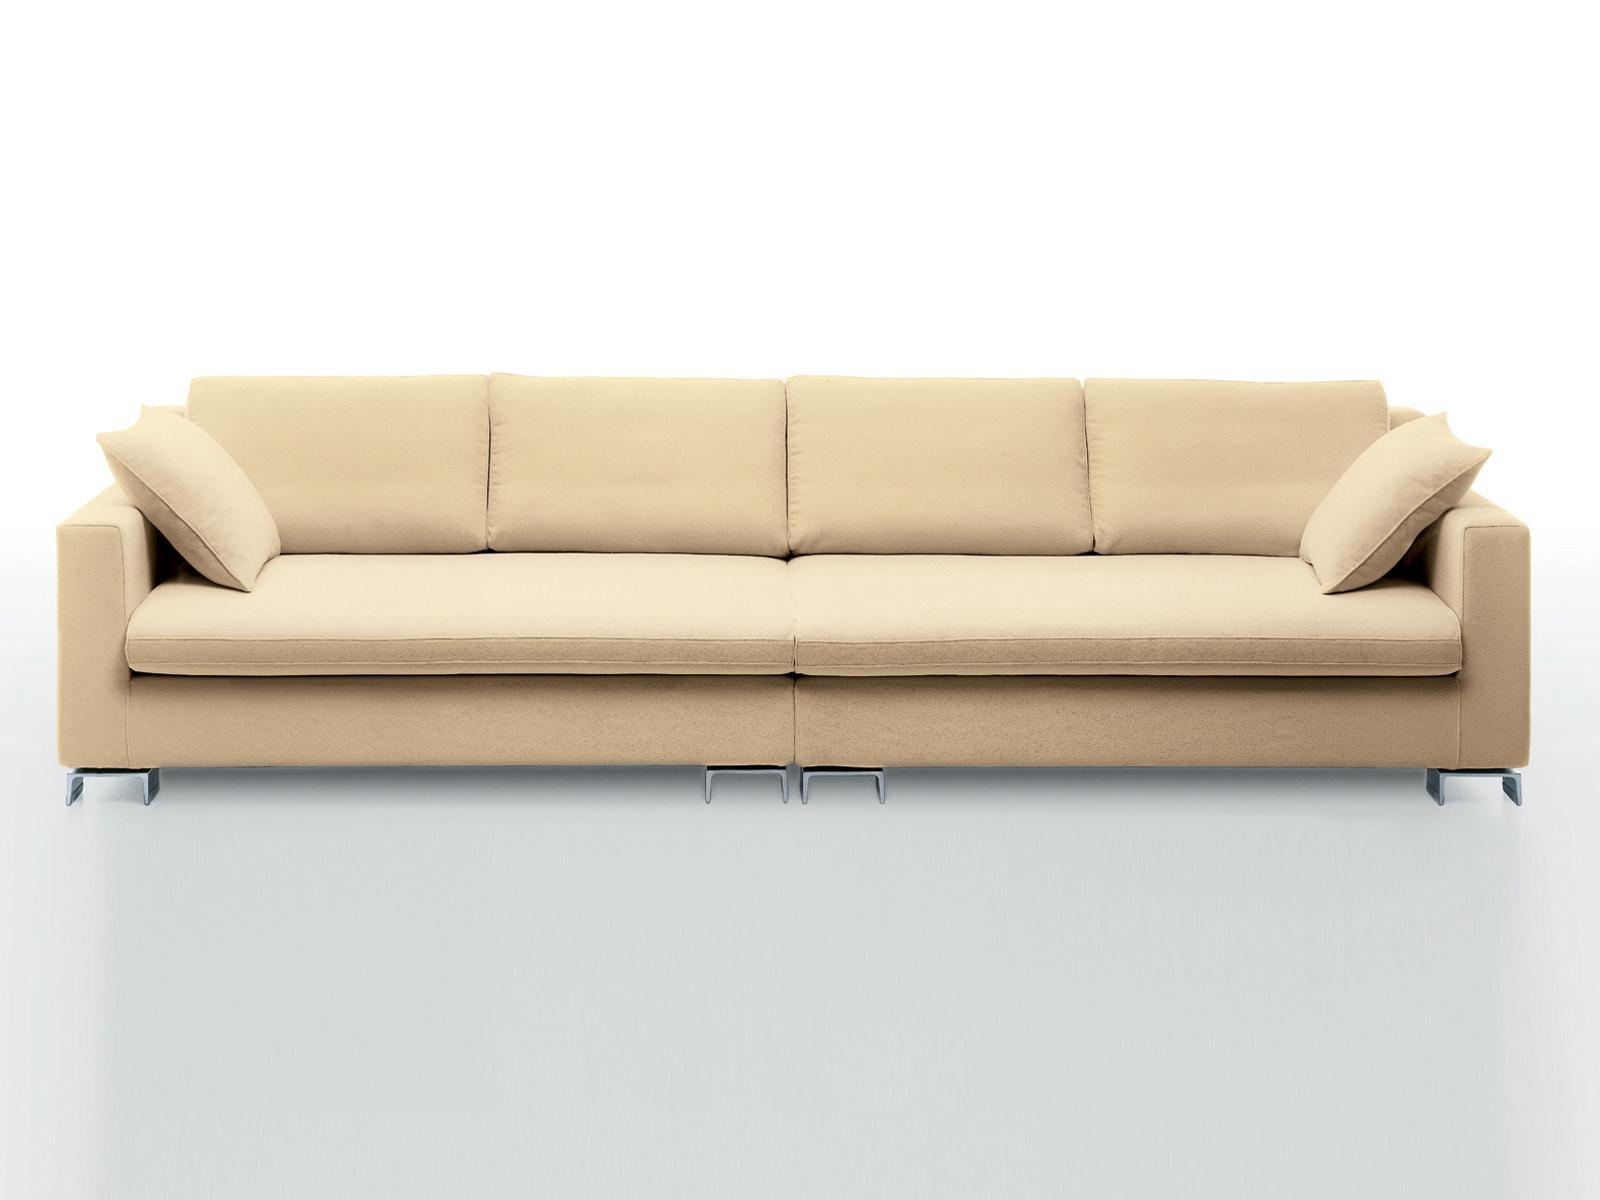 Bridge | 4 Seater Sofai 4 Mariani Design Luca Scacchetti Inside Four Seat Sofas (View 12 of 20)